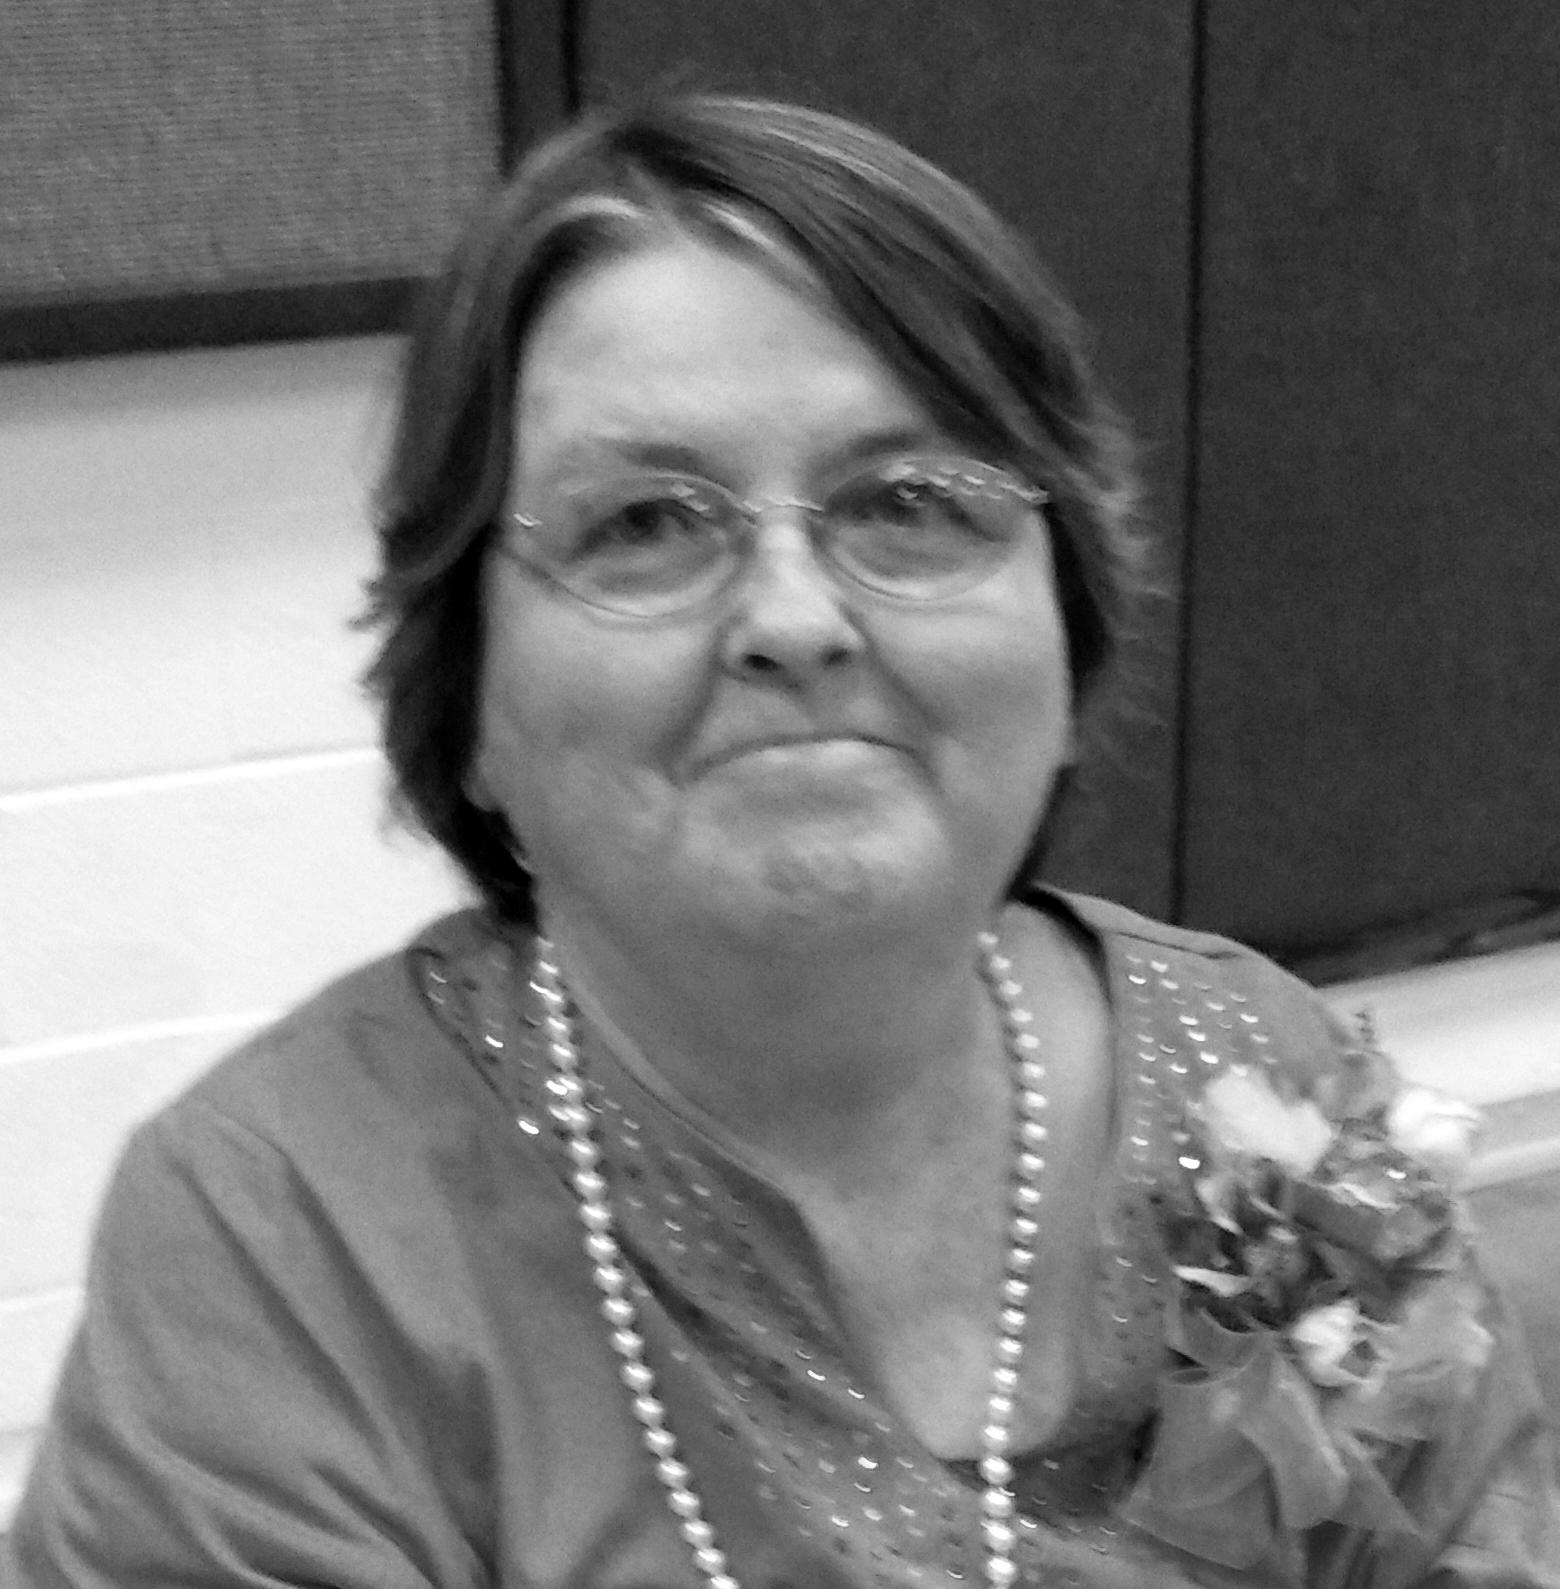 Christine Ficken